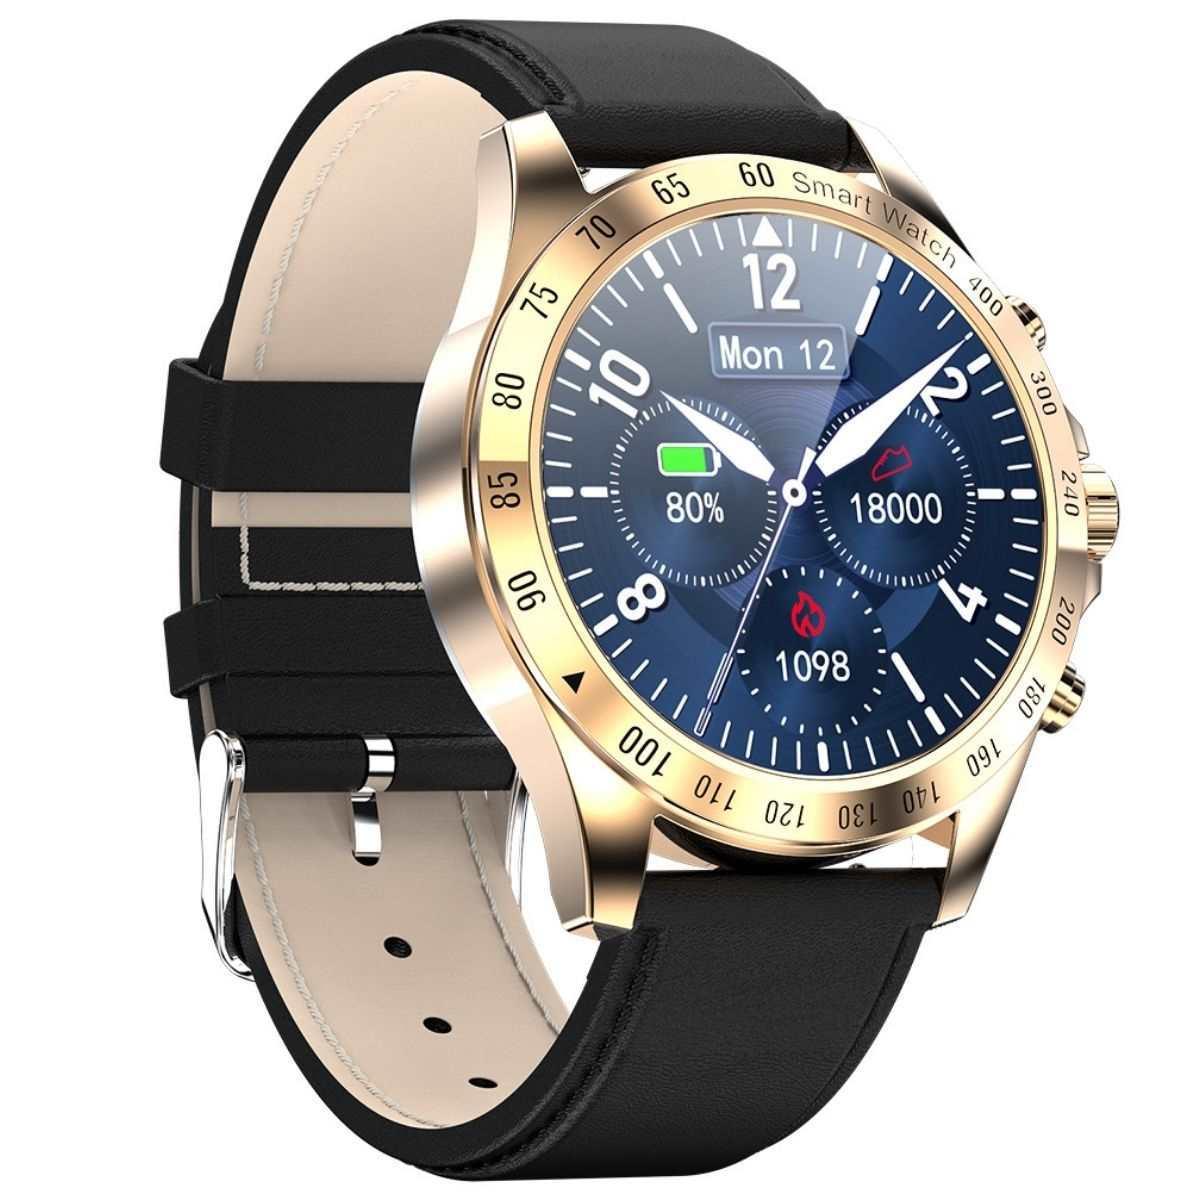 Смарт часы и браслеты Смарт часы KingWear LW09 Leather с пульсоксиметром и фитнес трекером KingWear_LW09__12_.jpg